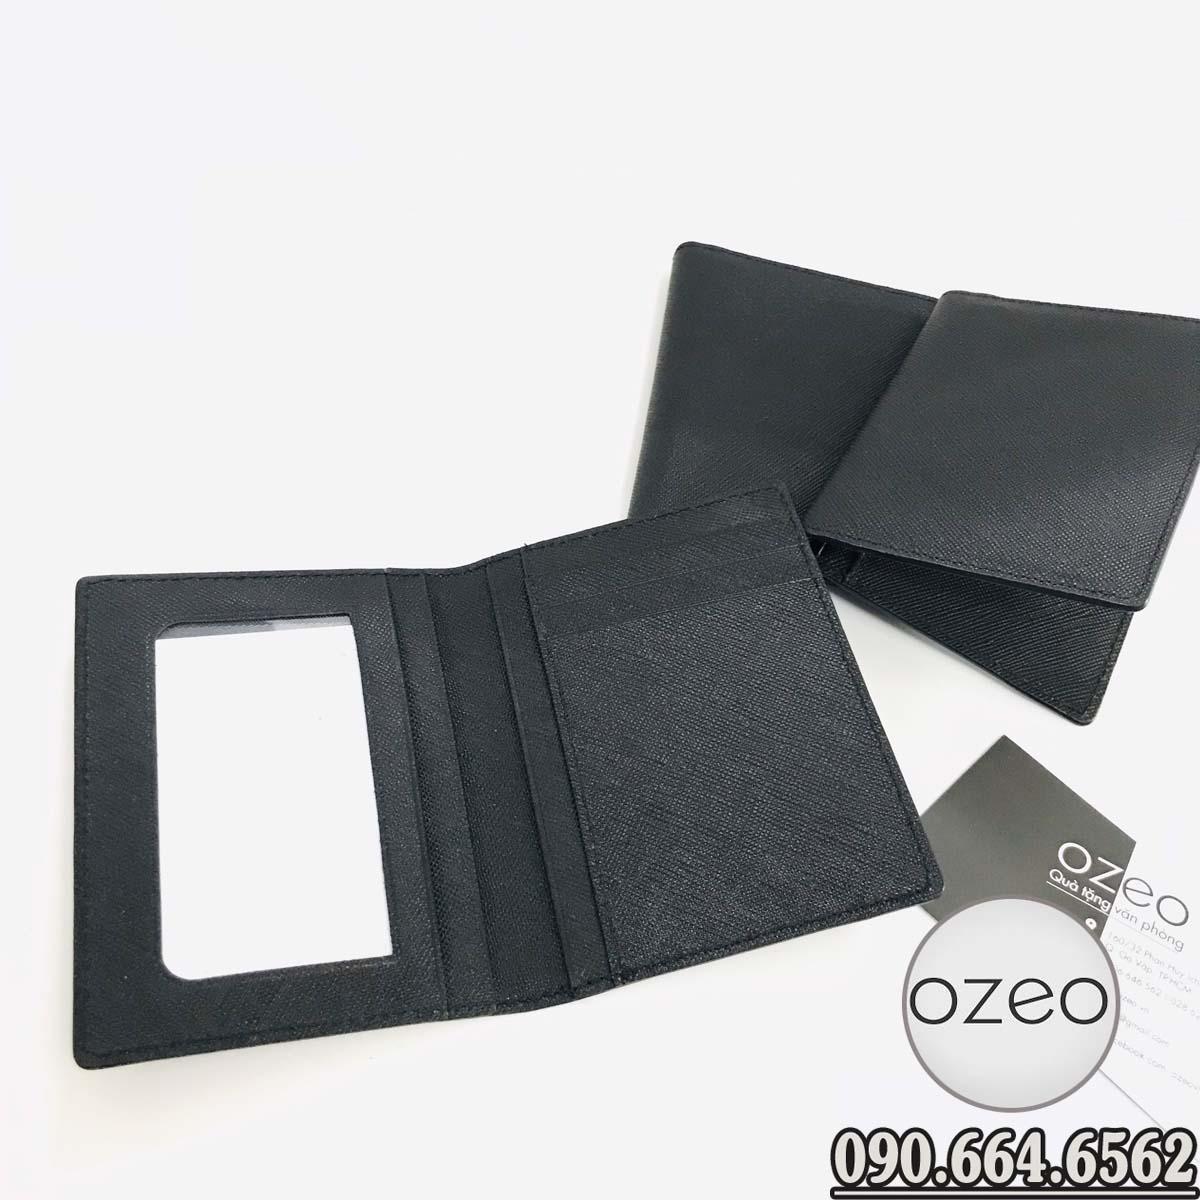 Ví VNC01 một sản phẩm của sự tinh tế và đẳng cấp.